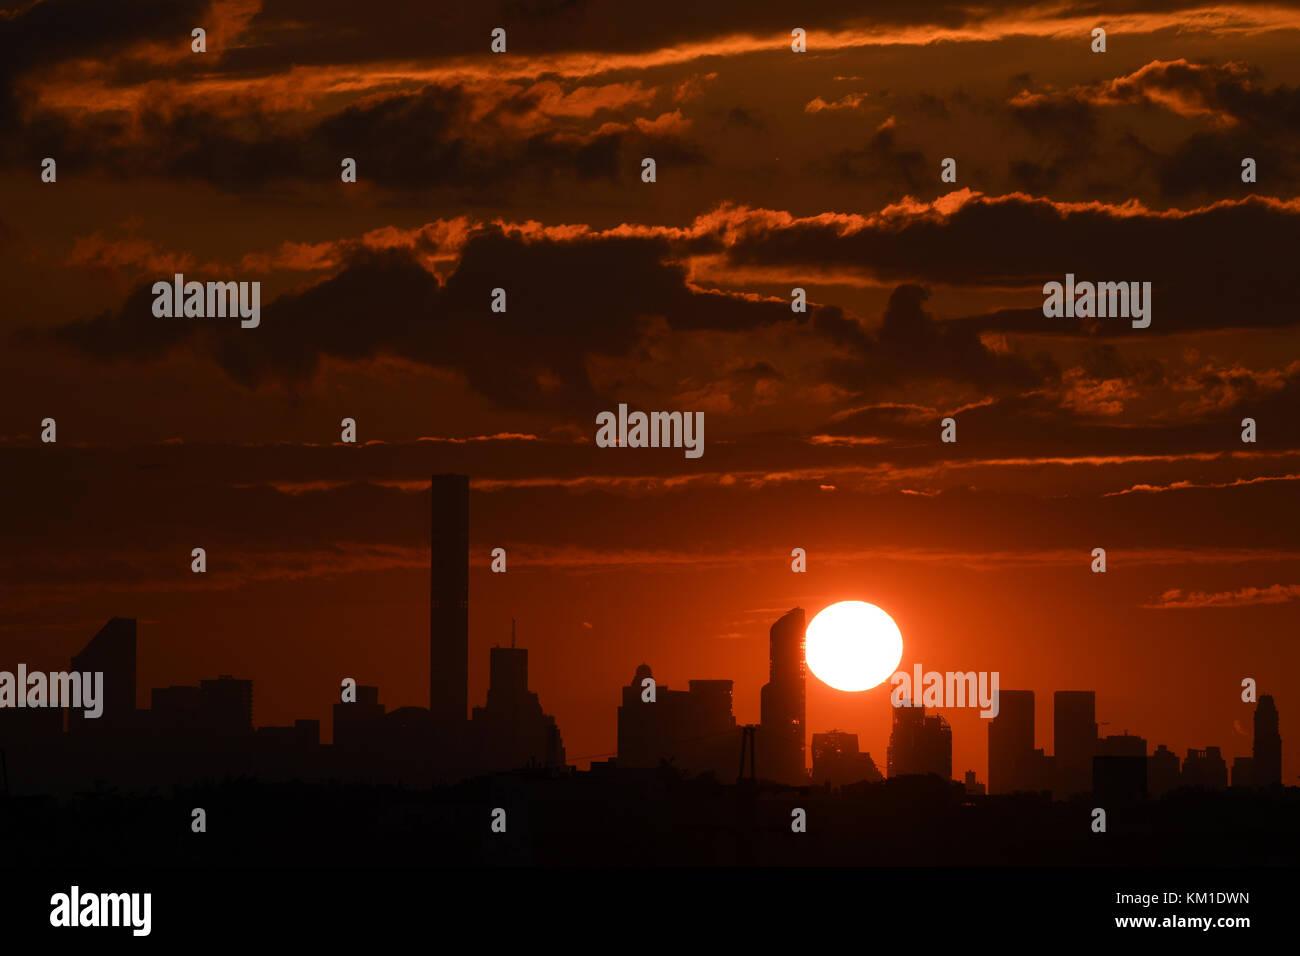 FLUSHING NY- SEPTEMBER 01: Sunset over the Manhattan skyline from Arthur Ashe Stadium at the USTA Billie Jean King - Stock Image